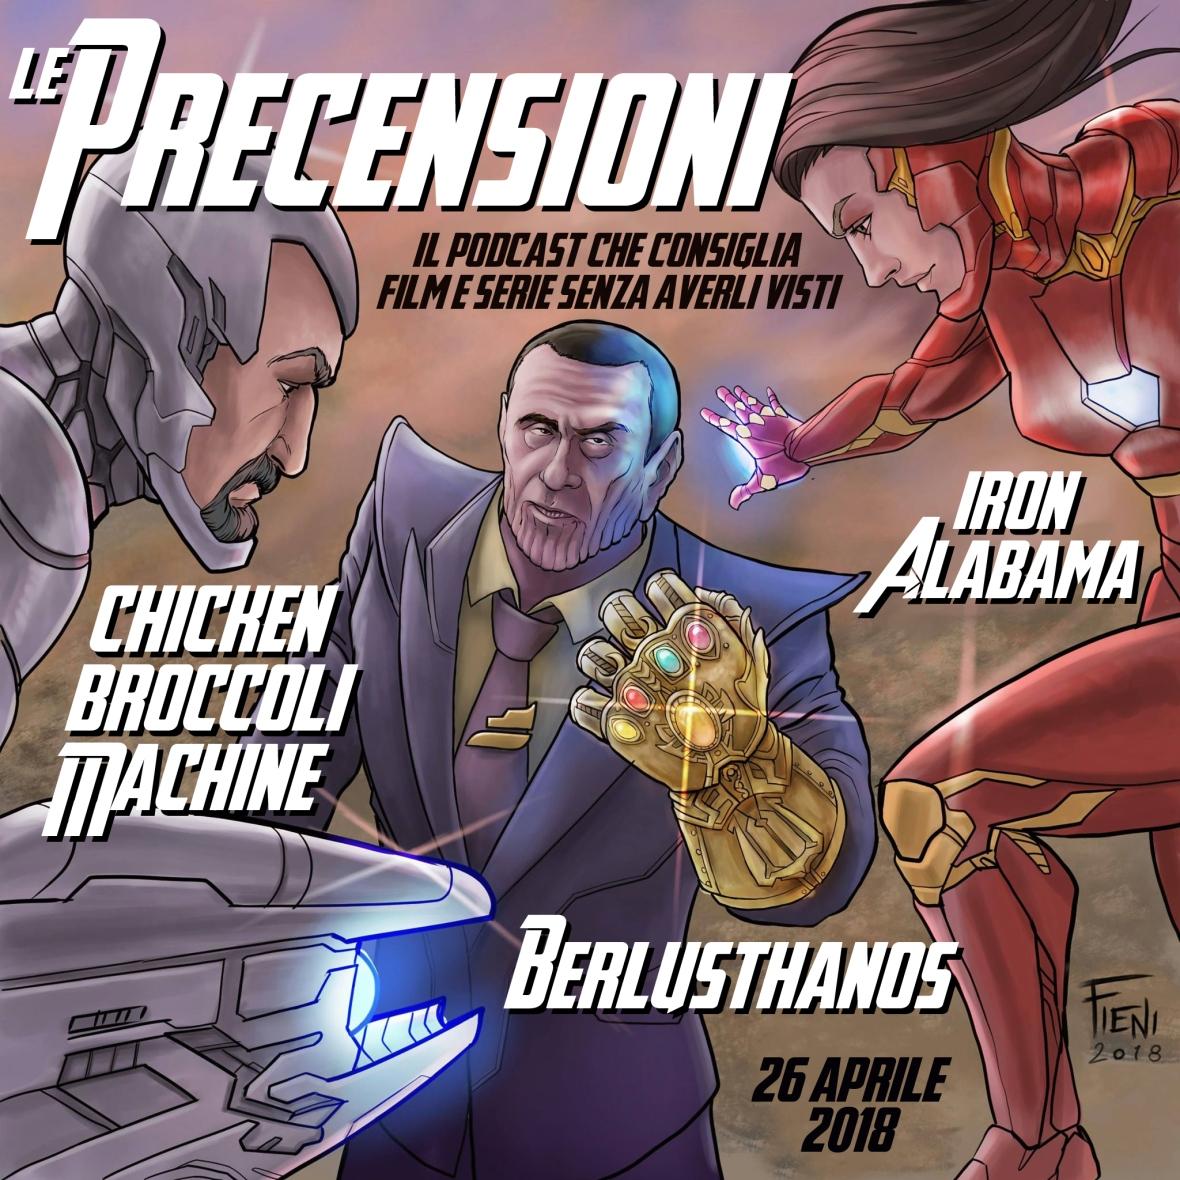 LE PRECENSIONI 2x32